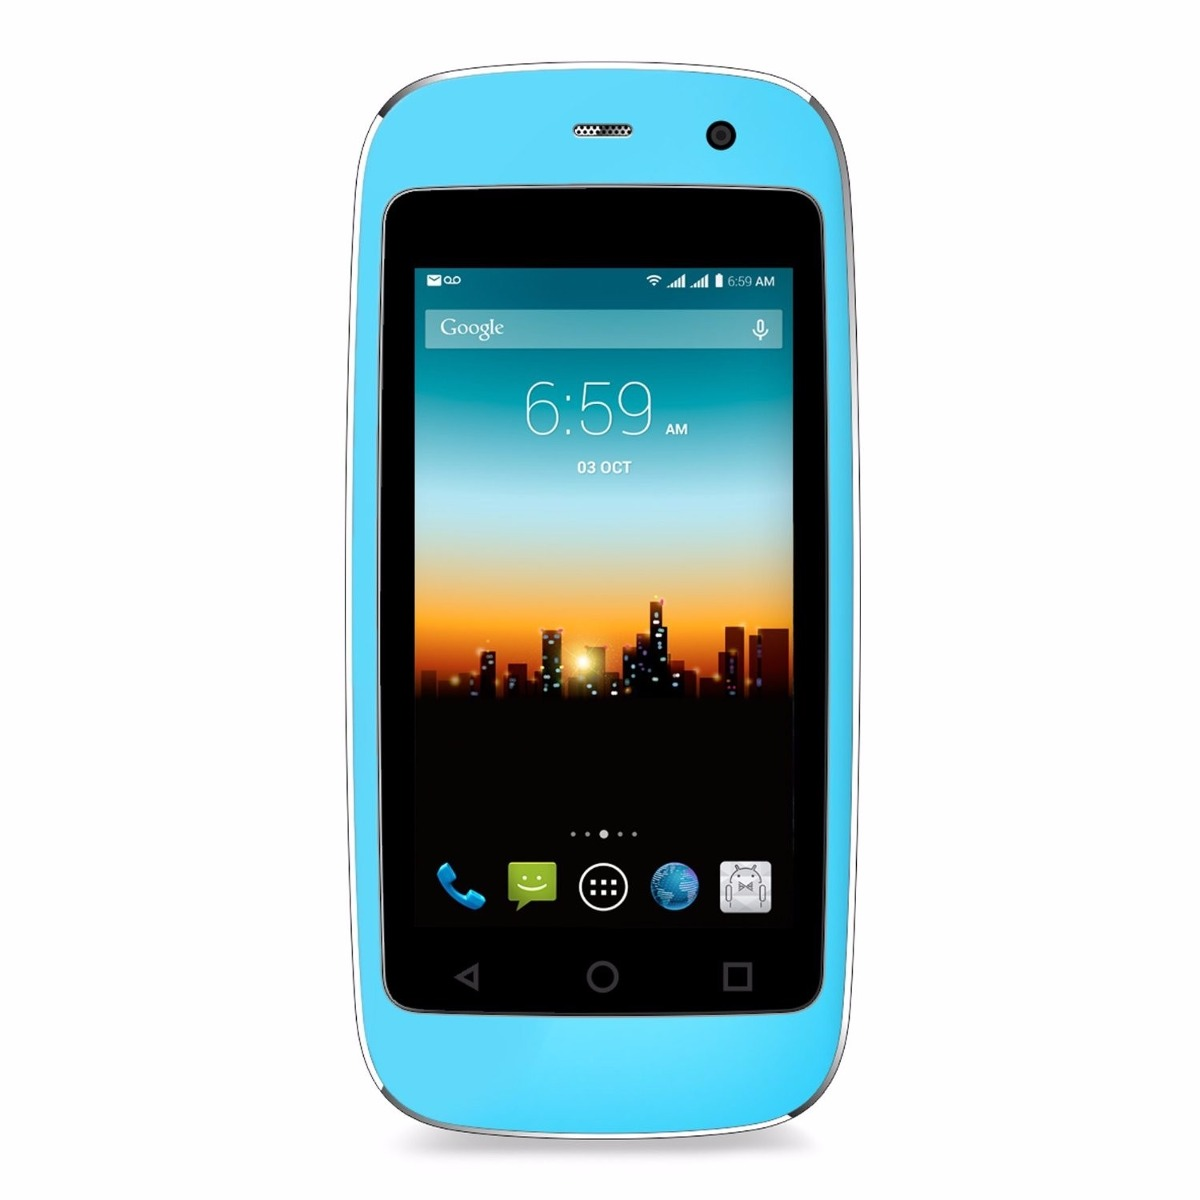 9571f3bfc4a Celular Posh Micro Xs240 2.4 4gb Azul - $ 2,565.00 en Mercado Libre